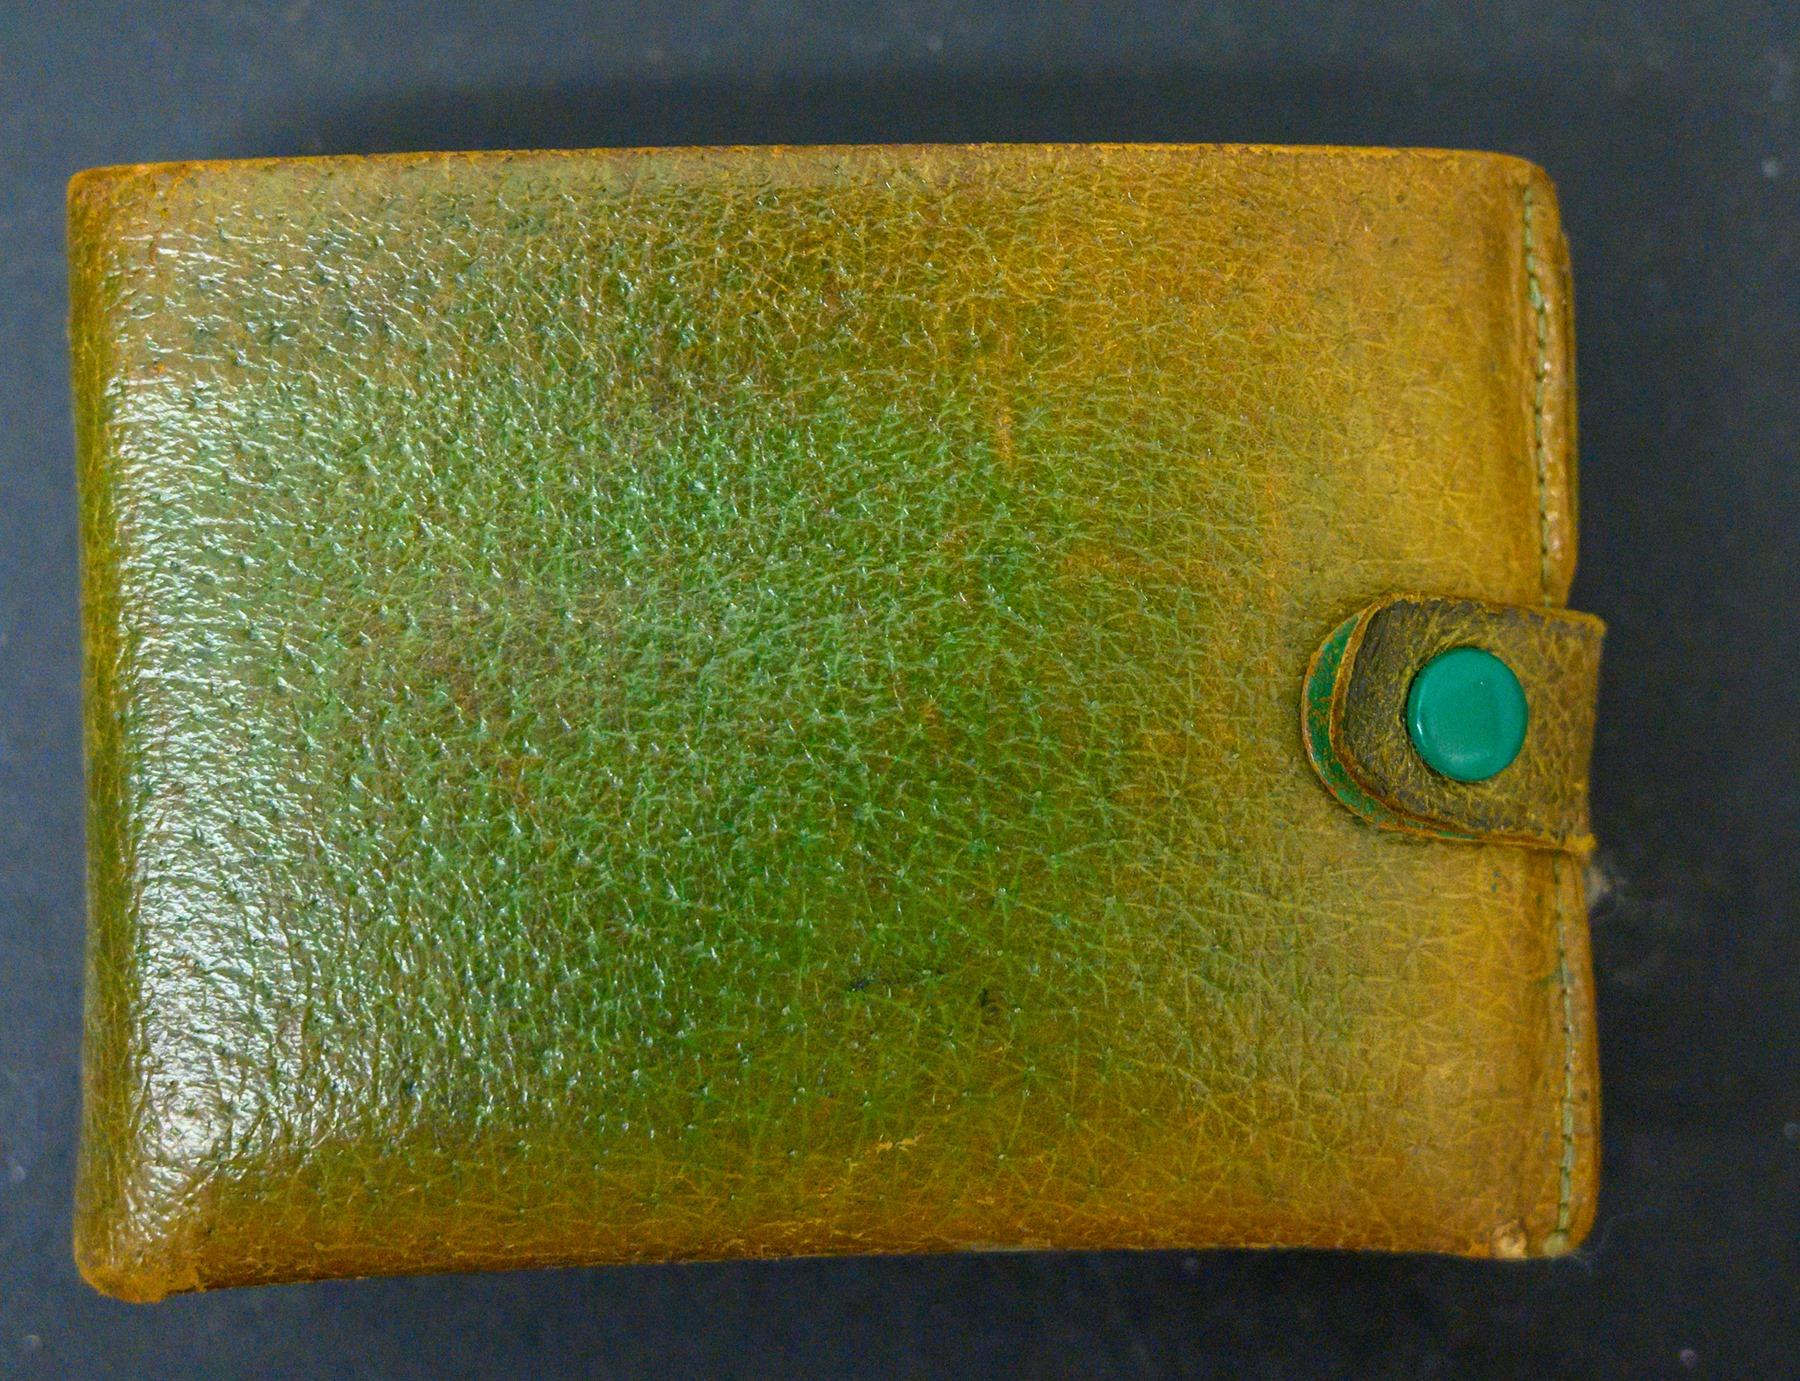 Το δερμάτινο πορτοφόλι της Πάτι που βρέθηκε στο εσωτερικό της τσάντας